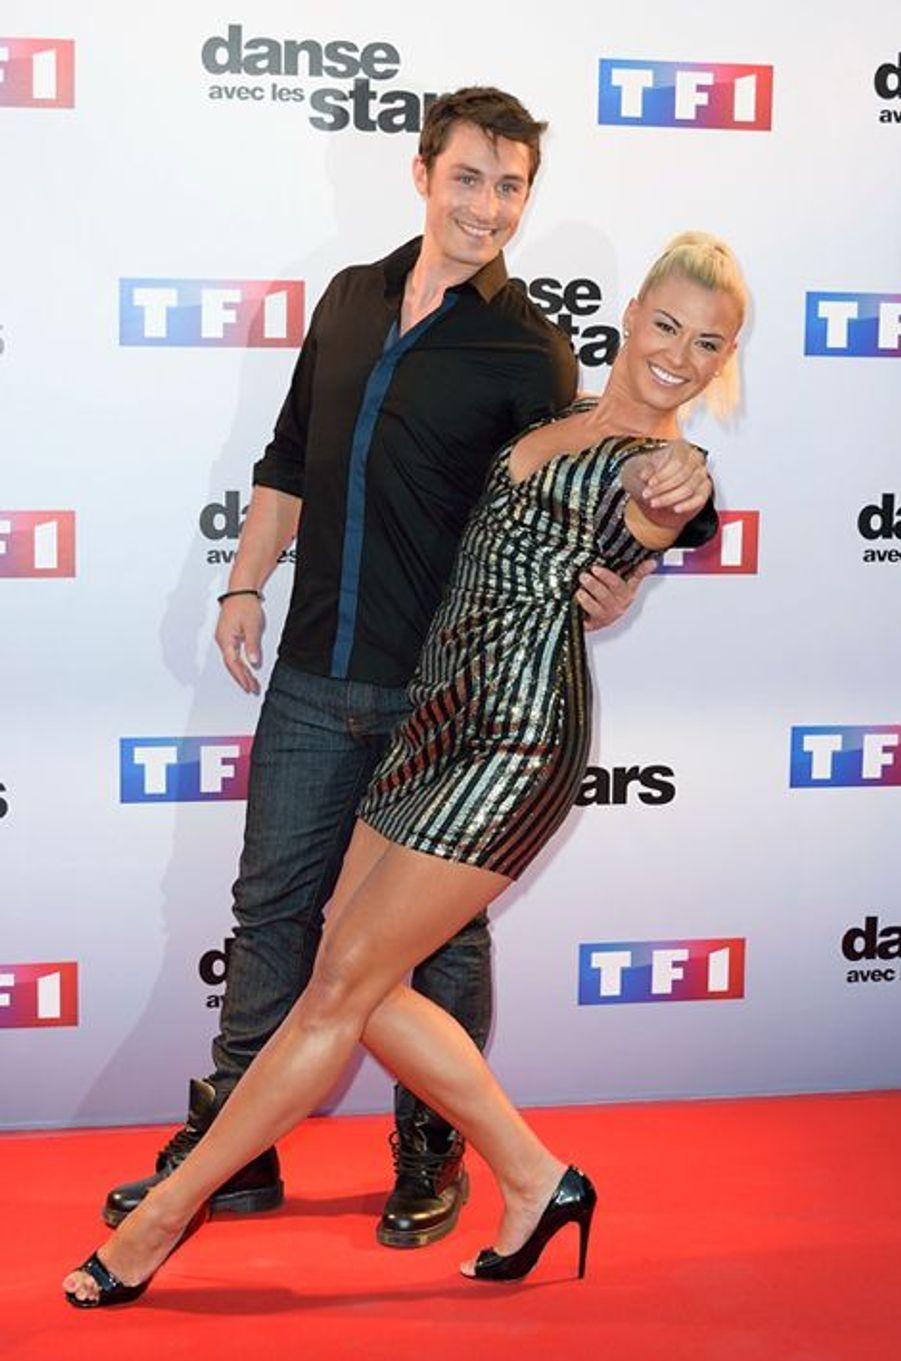 Danse avec les stars 5 : le patineur Brian Joubert et sa partenaire Katrina Patchett.